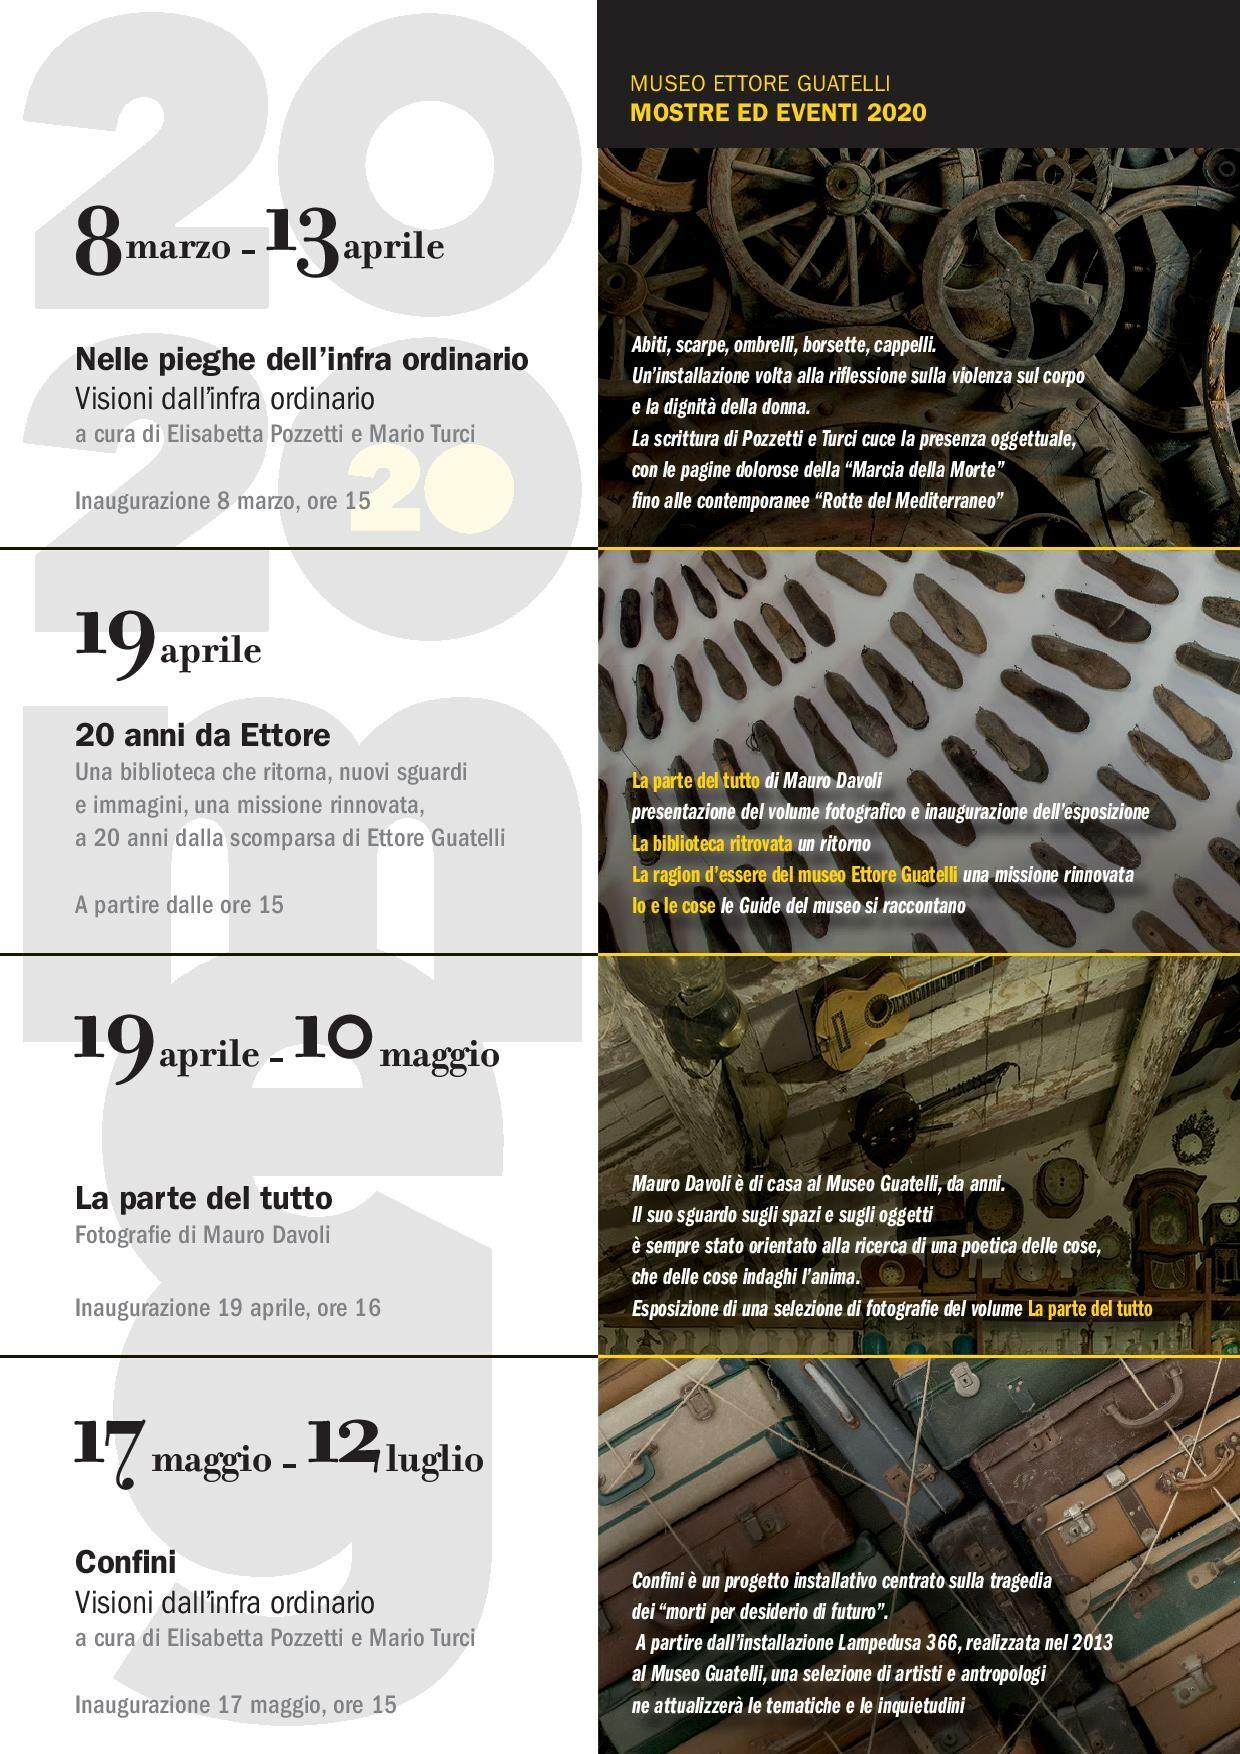 MEG2020 – Un Anno di iniziative al Museo Guatelli: 20 anni da Ettore